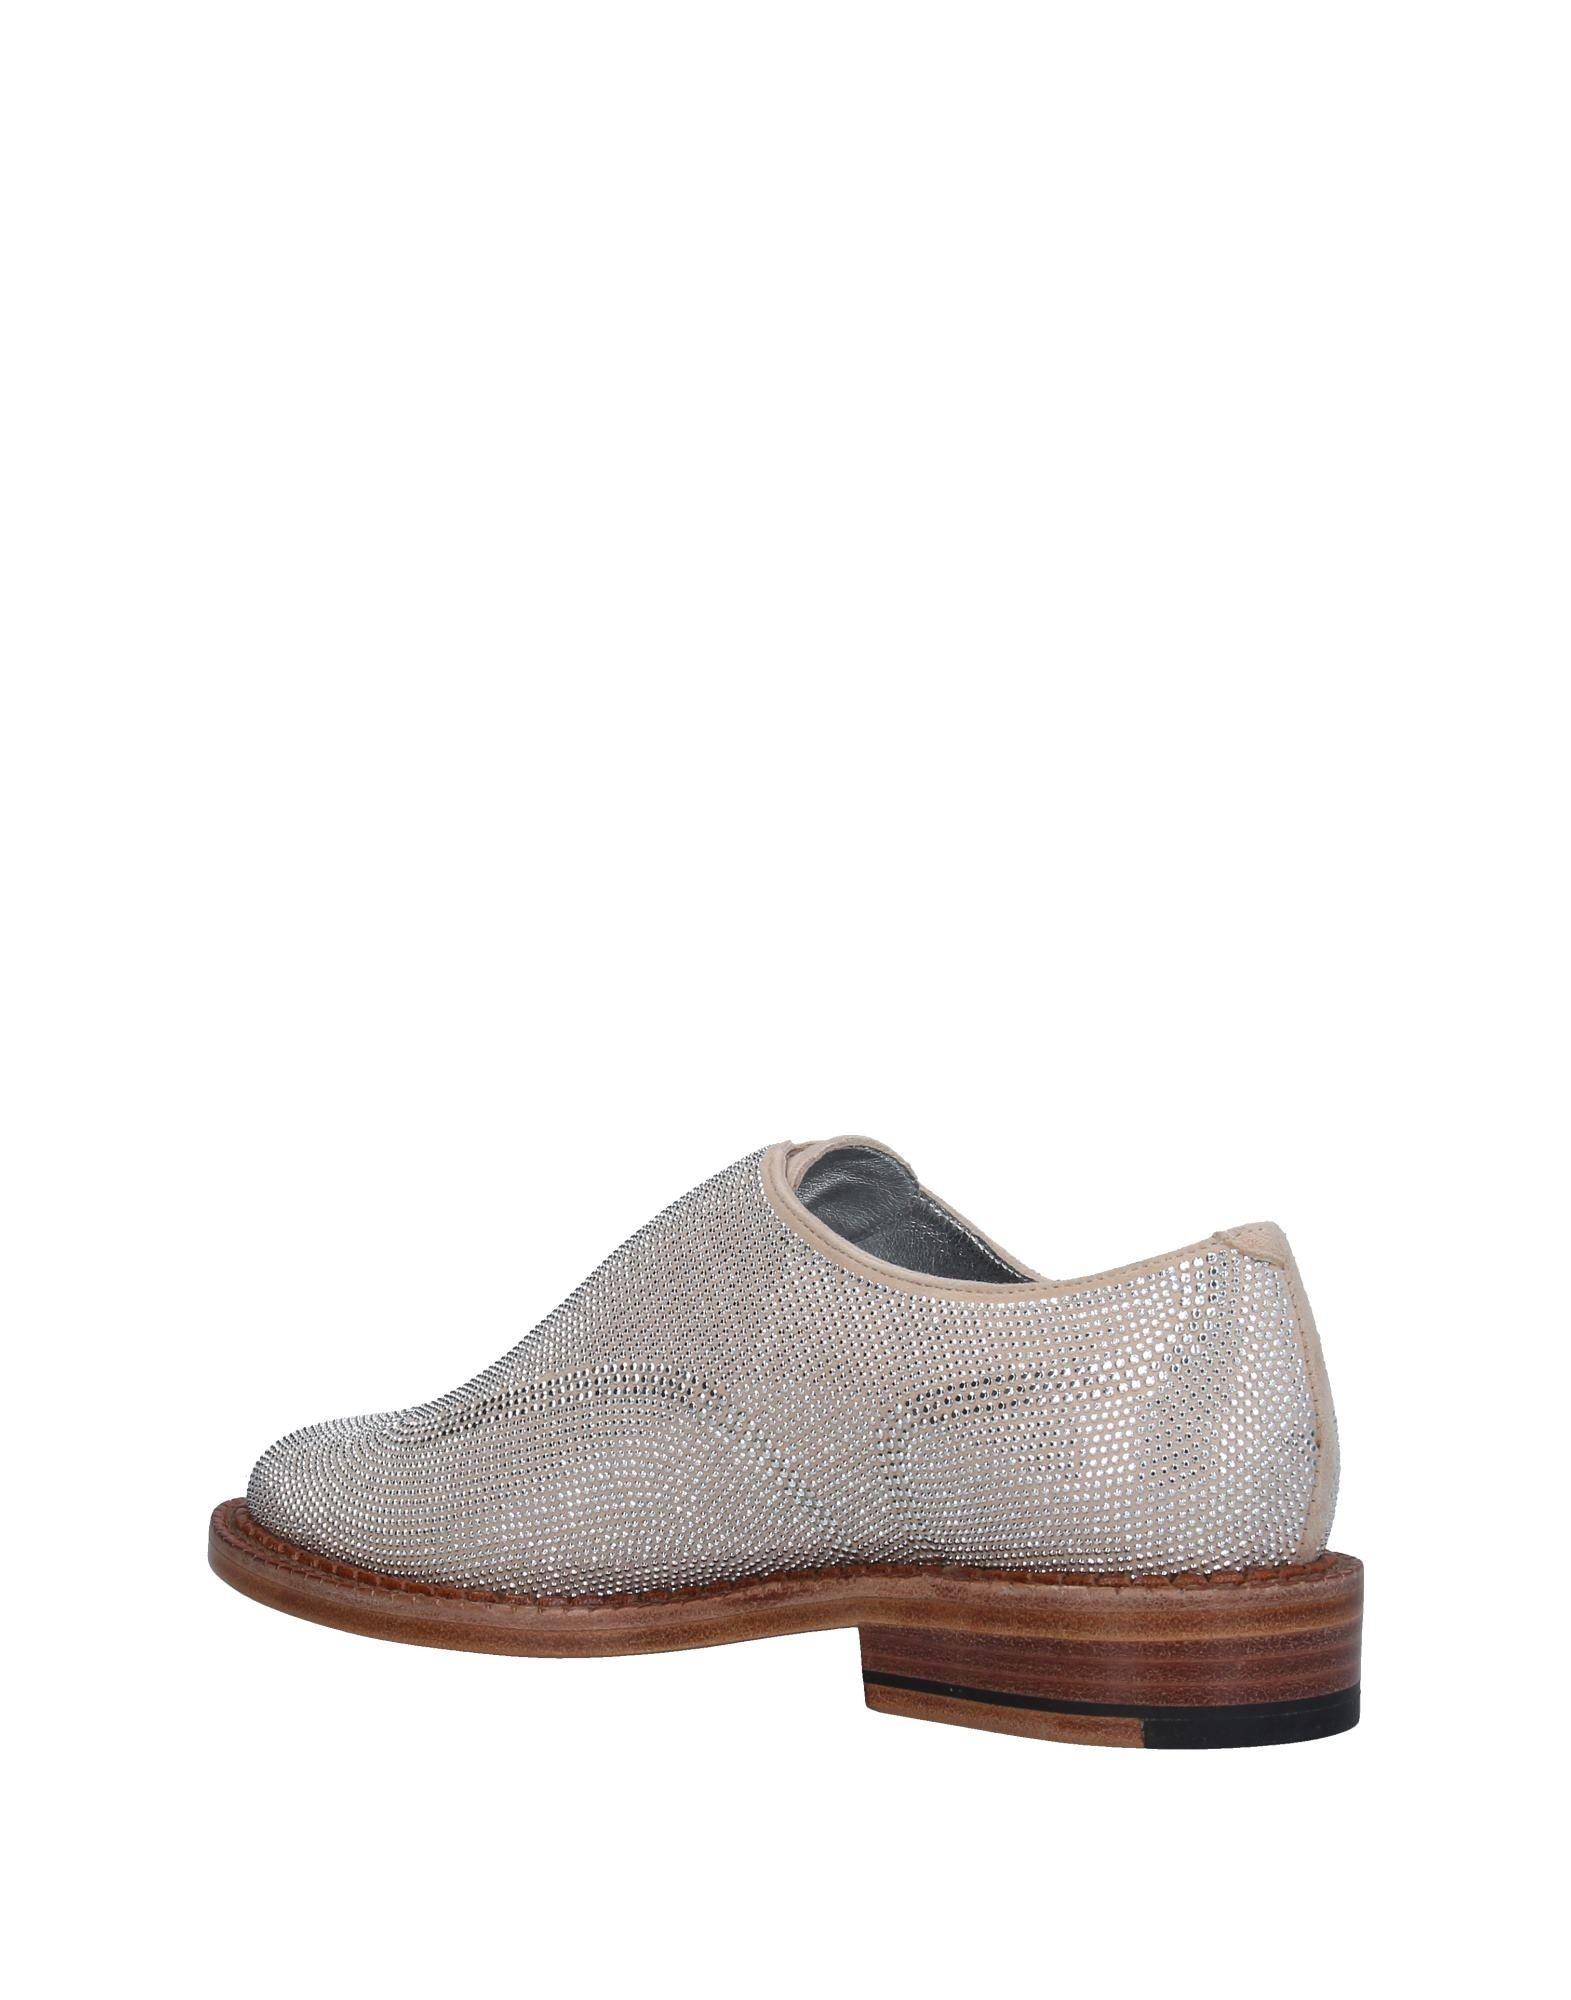 Rabatt Schuhe Robert Clergerie Mokassins Damen  11337794NB